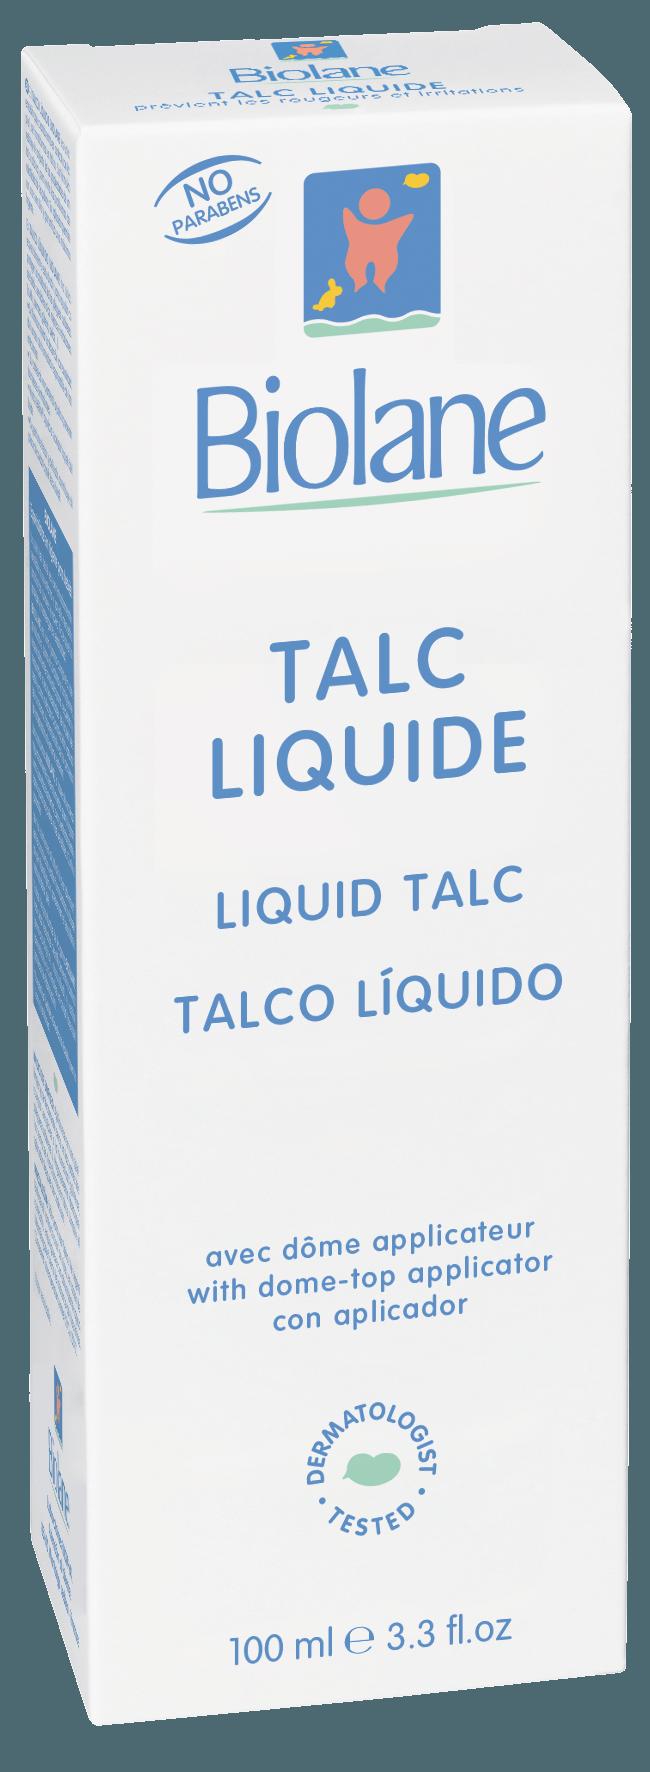 Image Liquid Talc